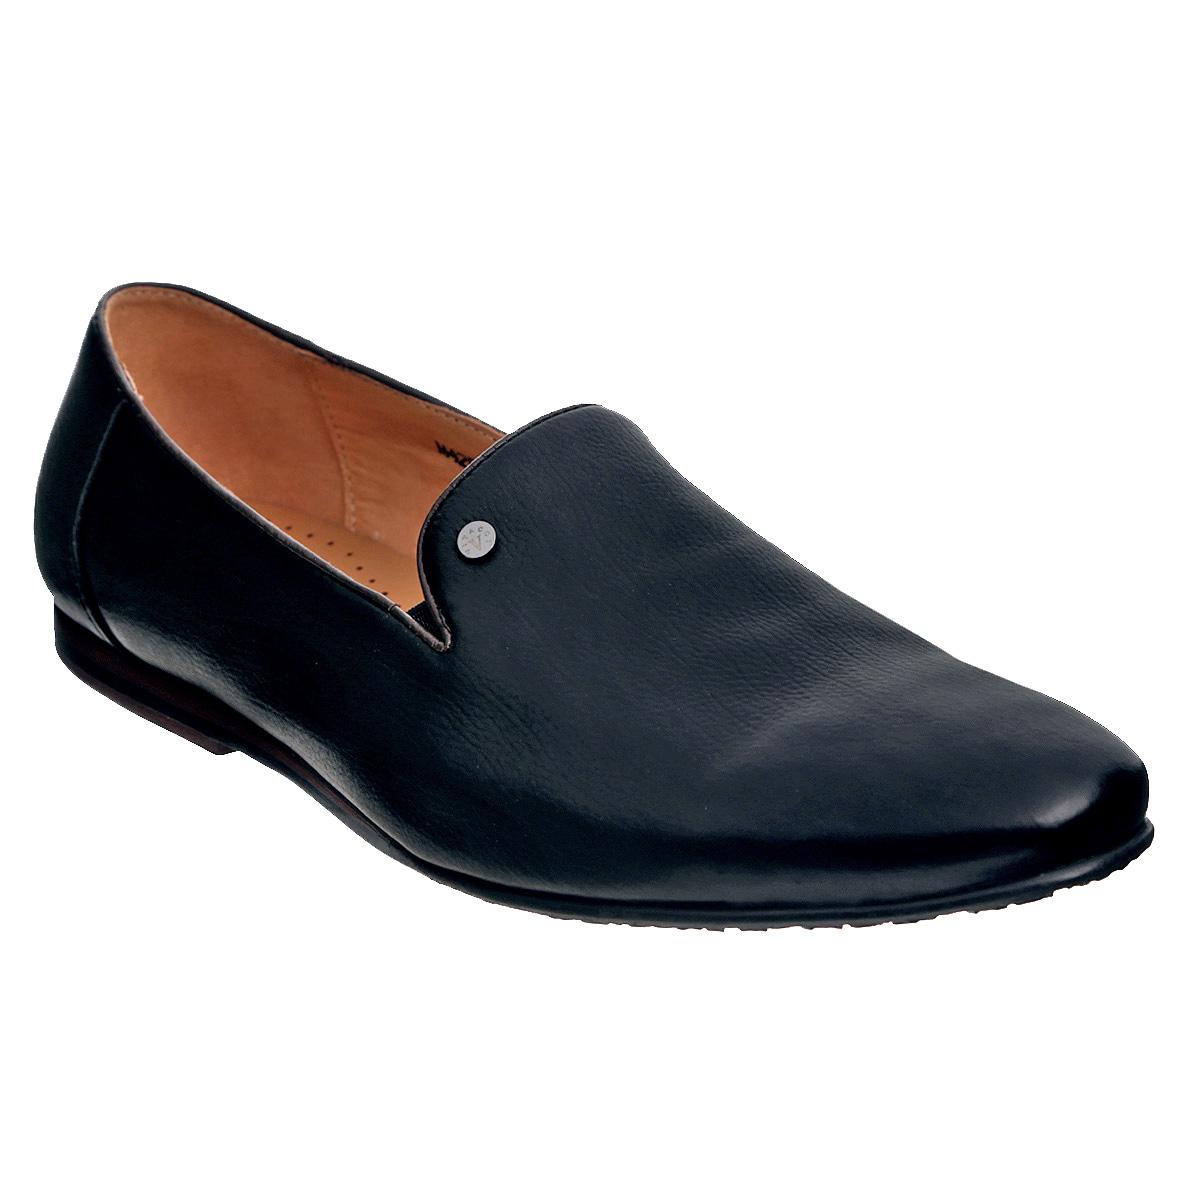 Туфли мужские. M4199/M4200M4199Изысканные туфли Vitacci - незаменимая вещь в гардеробе каждого мужчины. Модель выполнена из натуральной высококачественной кожи и оформлена круглой металлической пластиной с названием и логотипом бренда на подъеме. Резинки, расположенные на подъеме, гарантируют оптимальную посадку модели на ноге. Стелька из материала EVA с внешней поверхностью из натуральной кожи комфортна при движении. Перфорация на стельке обеспечивает отличную вентиляцию, позволяет ногам дышать. Низкий каблук, стилизованный под дерево, и подошва дополнены противоскользящим рифлением. Элегантные туфли отлично дополнят ваш деловой образ.